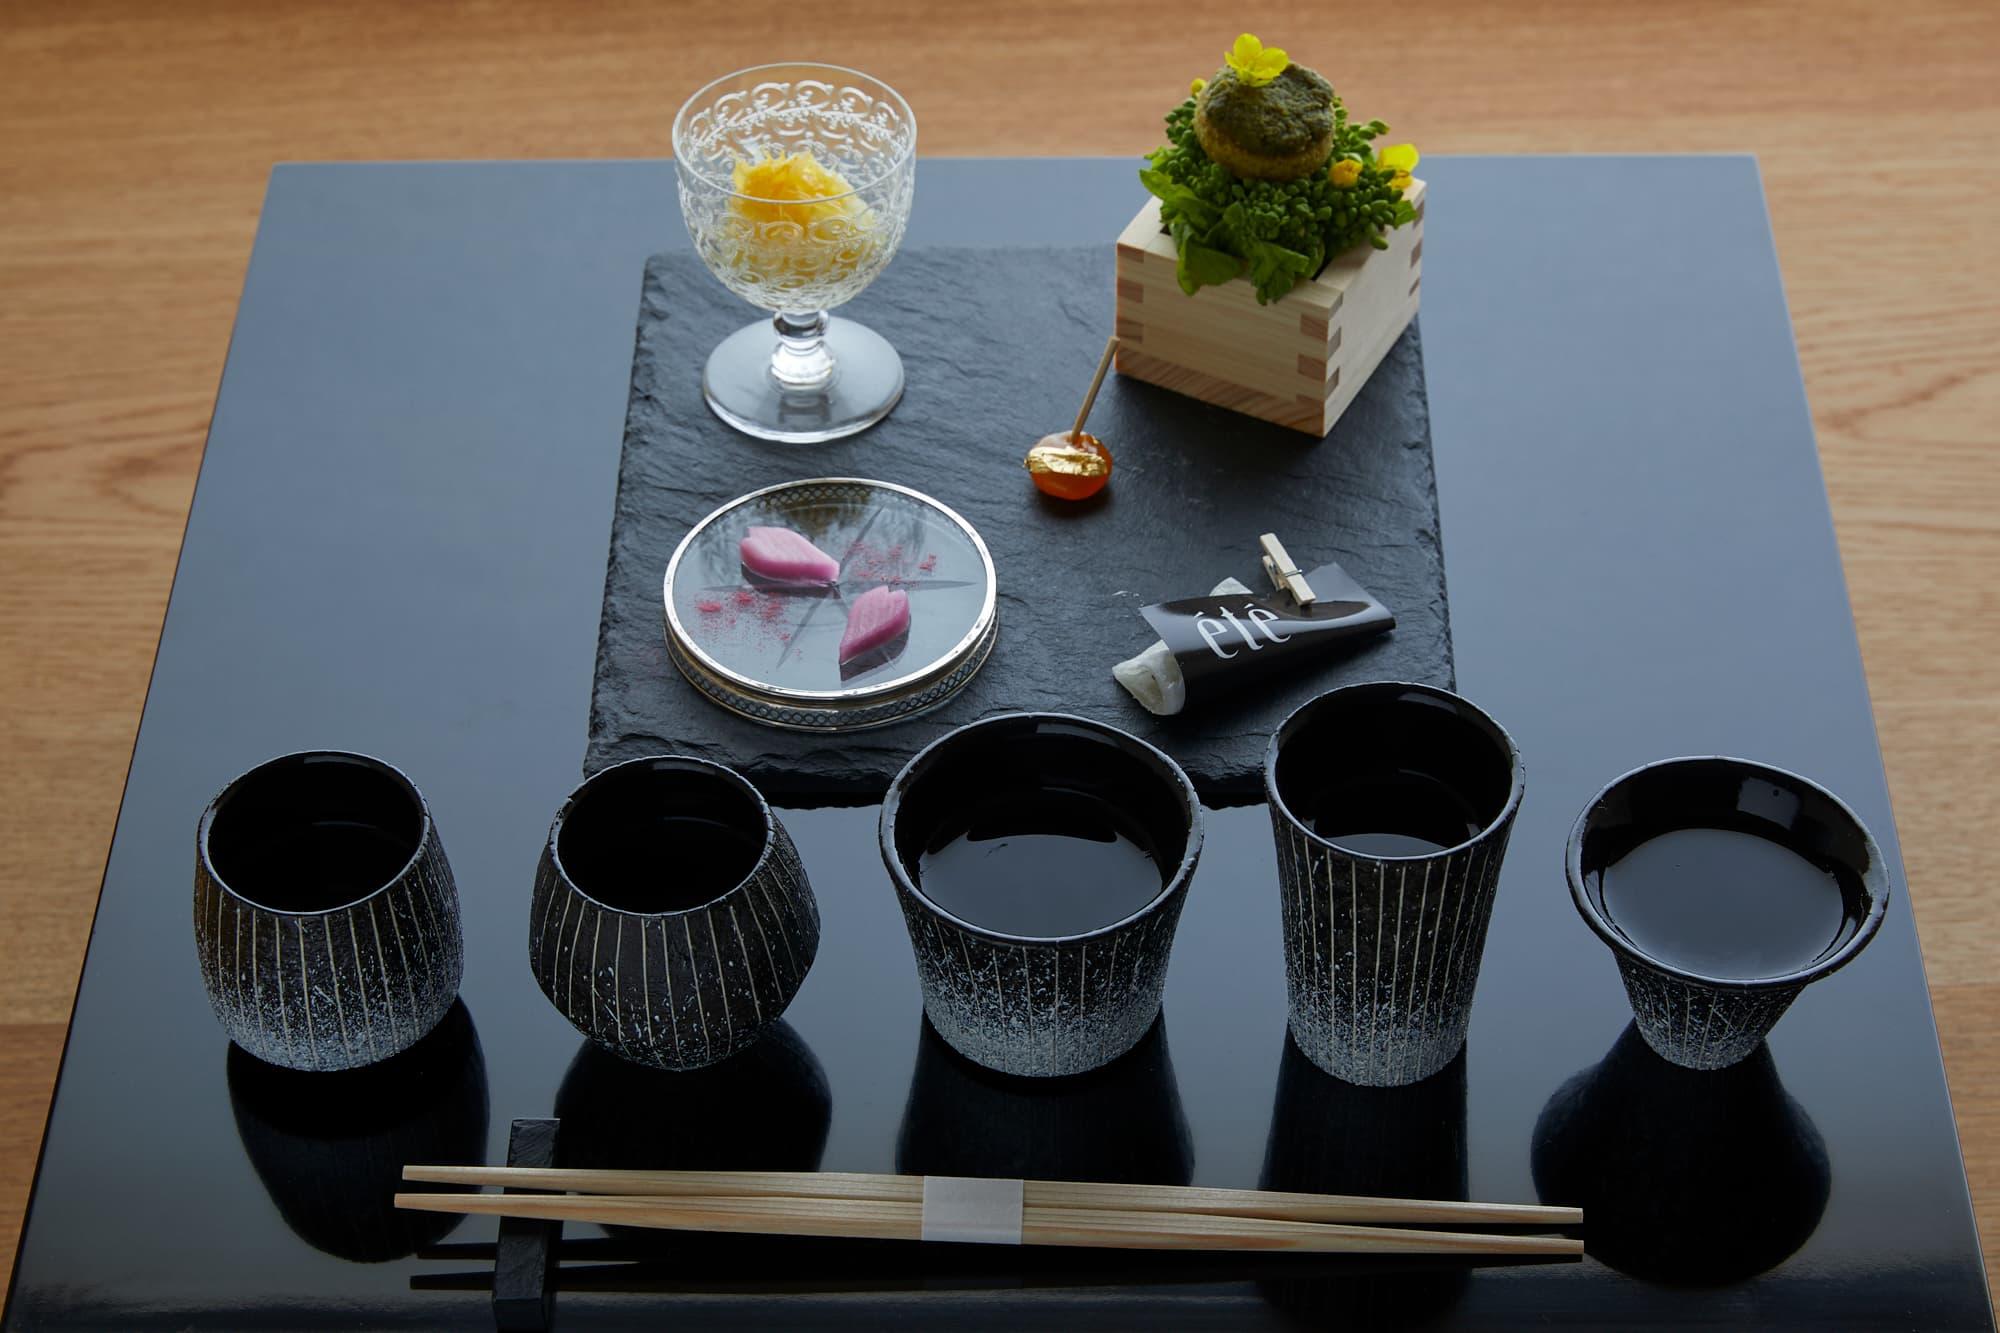 「日本酒体验」:新锐主厨特制酒肴与长谷川荣雅的5种日本酒